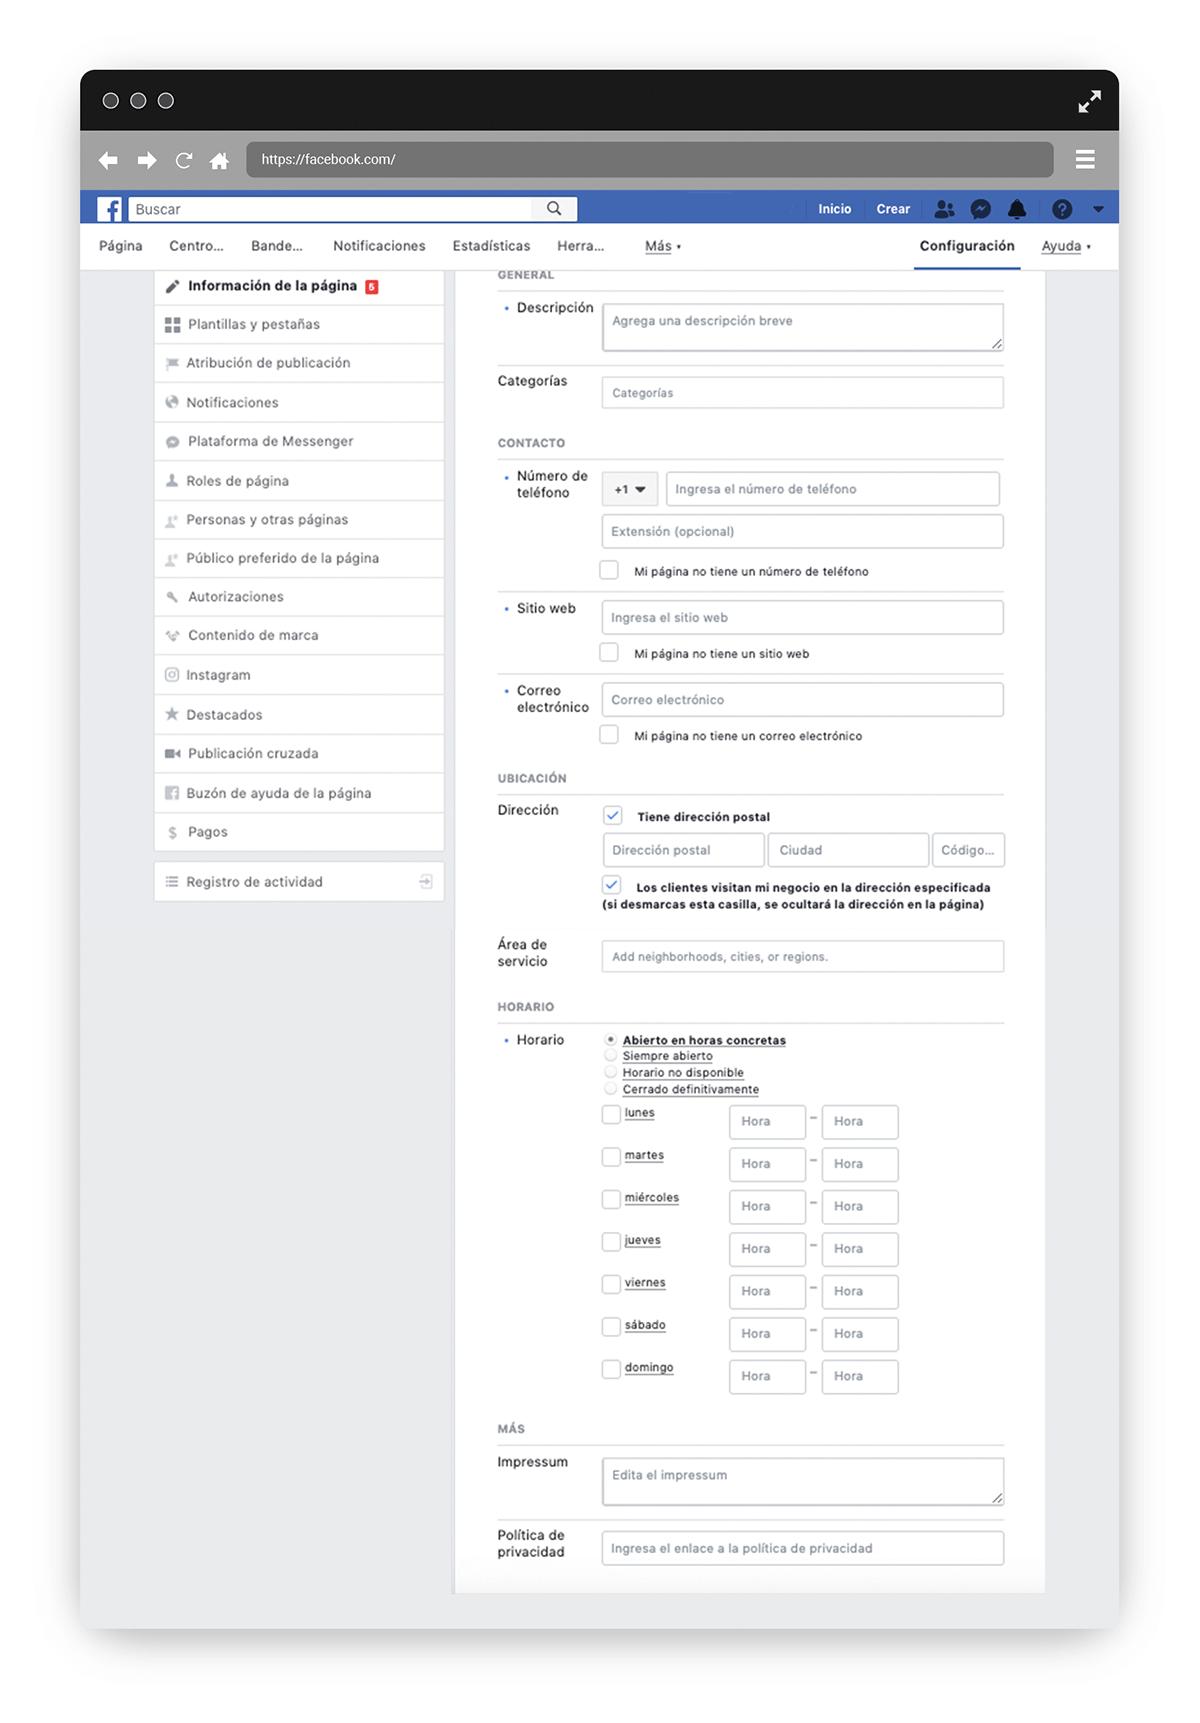 Llena-informacion-de-la-pagina-de-negocios-de-facebook-descripcion-categoria-numero-de-telefono-sitio-web-correo-electronico-area-de-servicio-horario-de-actividad